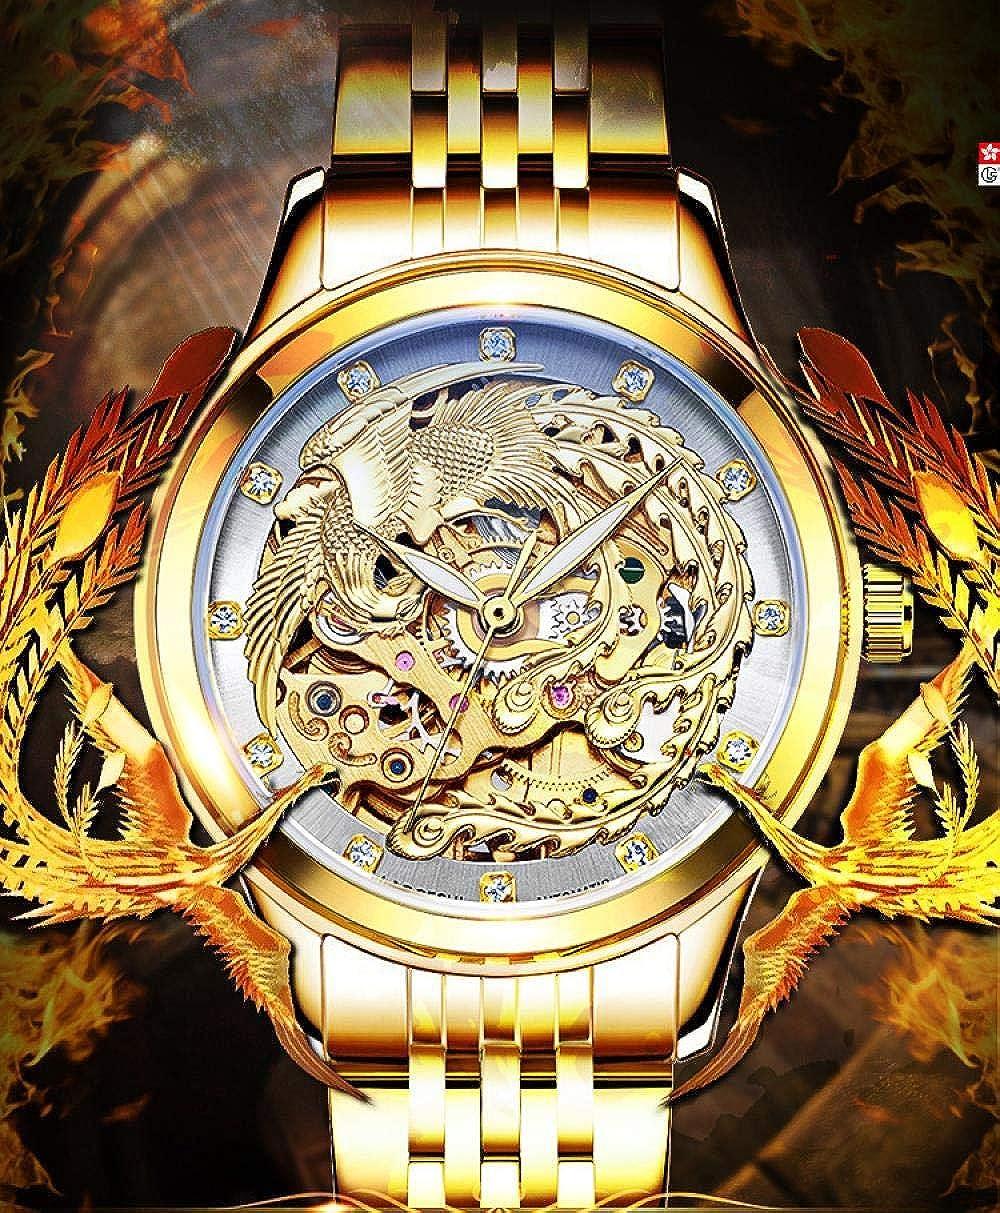 Orologi Da Polso,Orologio Da Polso Meccanico Automatico Vuoto Luminoso Con Cinturino In Acciaio Con Drago E Fenice Gold And Black Face Between Dragon Watch